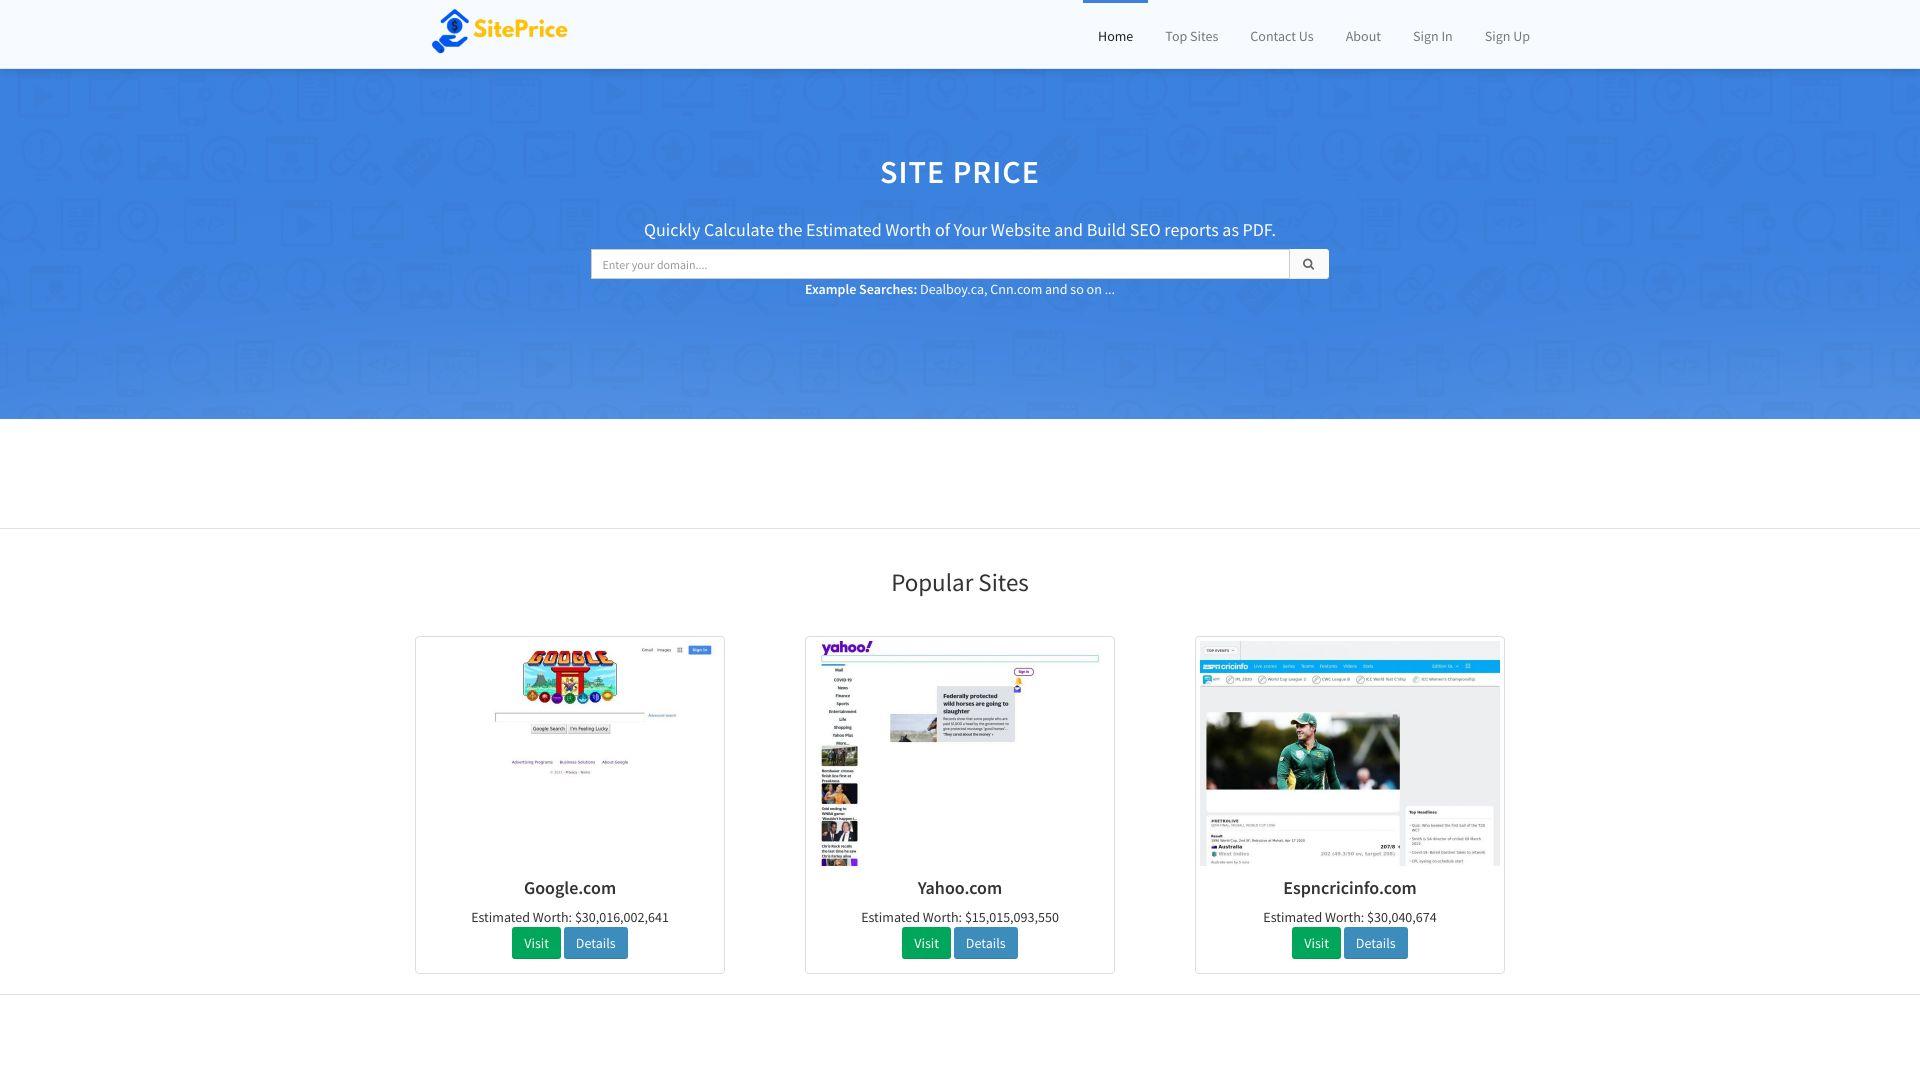 siteprice.com